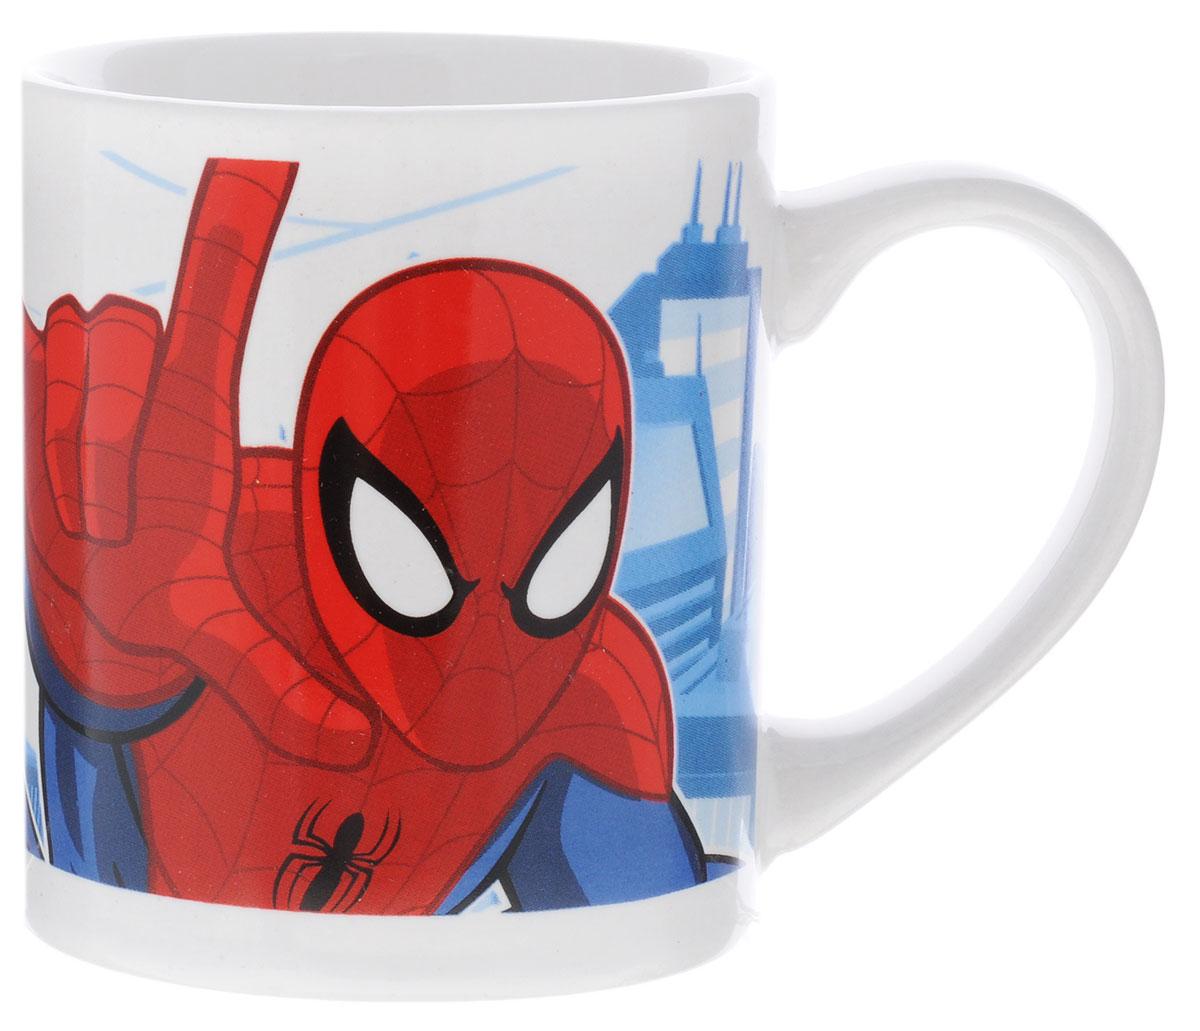 Stor Кружка детская Великий Человек-паук 220 мл70538Детская кружка Stor Великий Человек-паук из серии Stor Marvel с любимым героем станет отличным подарком для вашего ребенка. Она выполнена из керамики и оформлена изображением Человека-паука. Кружка дополнена удобной ручкой. Такой подарок станет не только приятным, но и практичным сувениром: кружка будет незаменимым атрибутом чаепития, а оригинальное оформление кружки добавит ярких эмоций и хорошего настроения. Можно использовать в СВЧ-печи и посудомоечной машине.